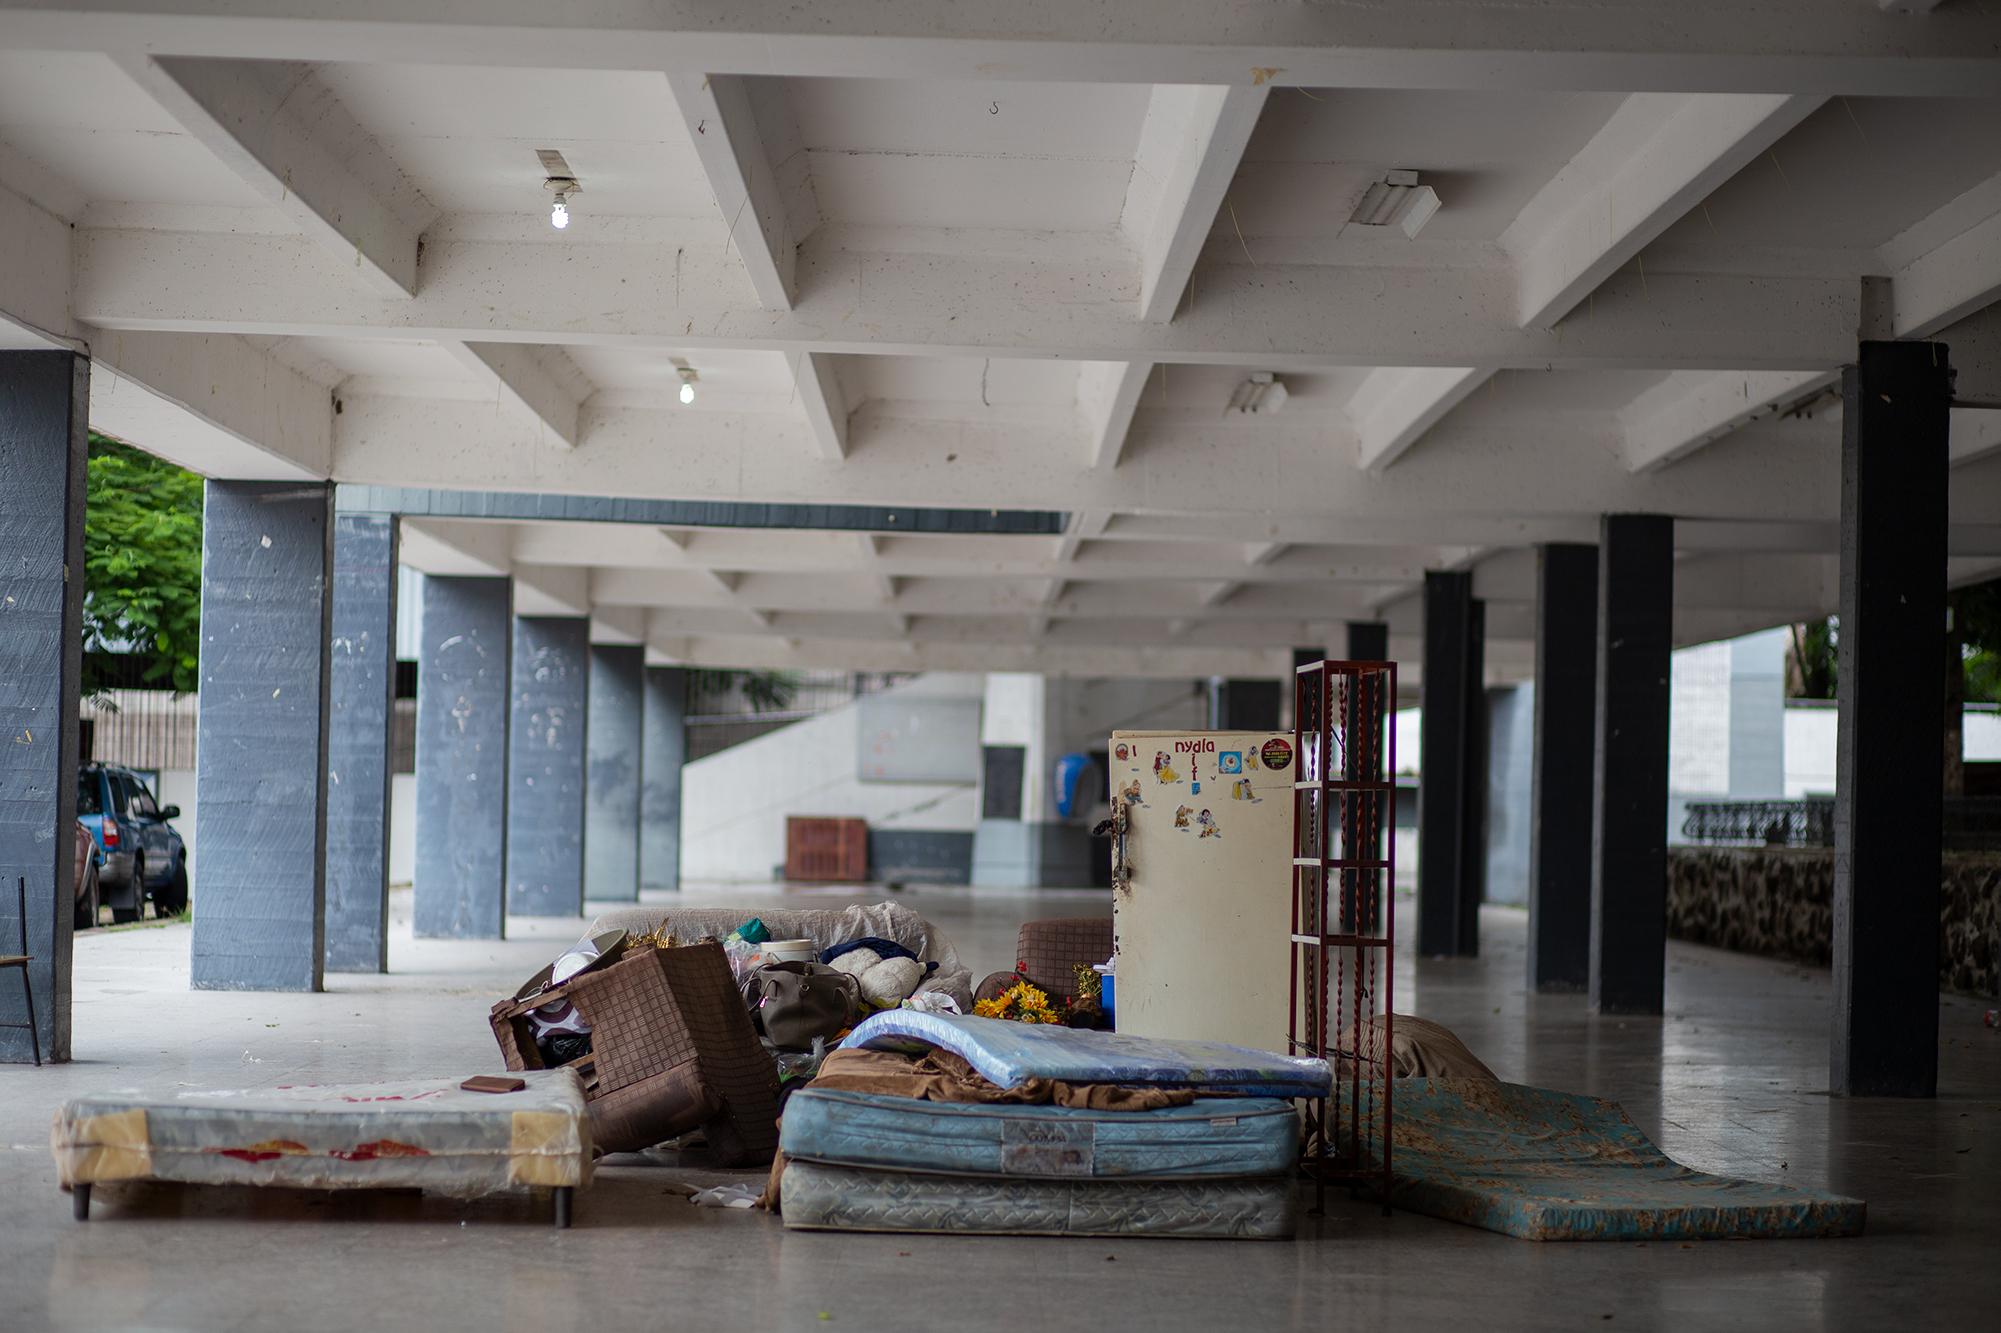 Pertenencias de una familia afectada por la crecida del Río Choluteca. Al menos 72 personas han recibido albergue en el Instituto Central Vicente Cáceres. Comayagüela, 5 de noviembre de 2020. Foto: Martín Cálix.